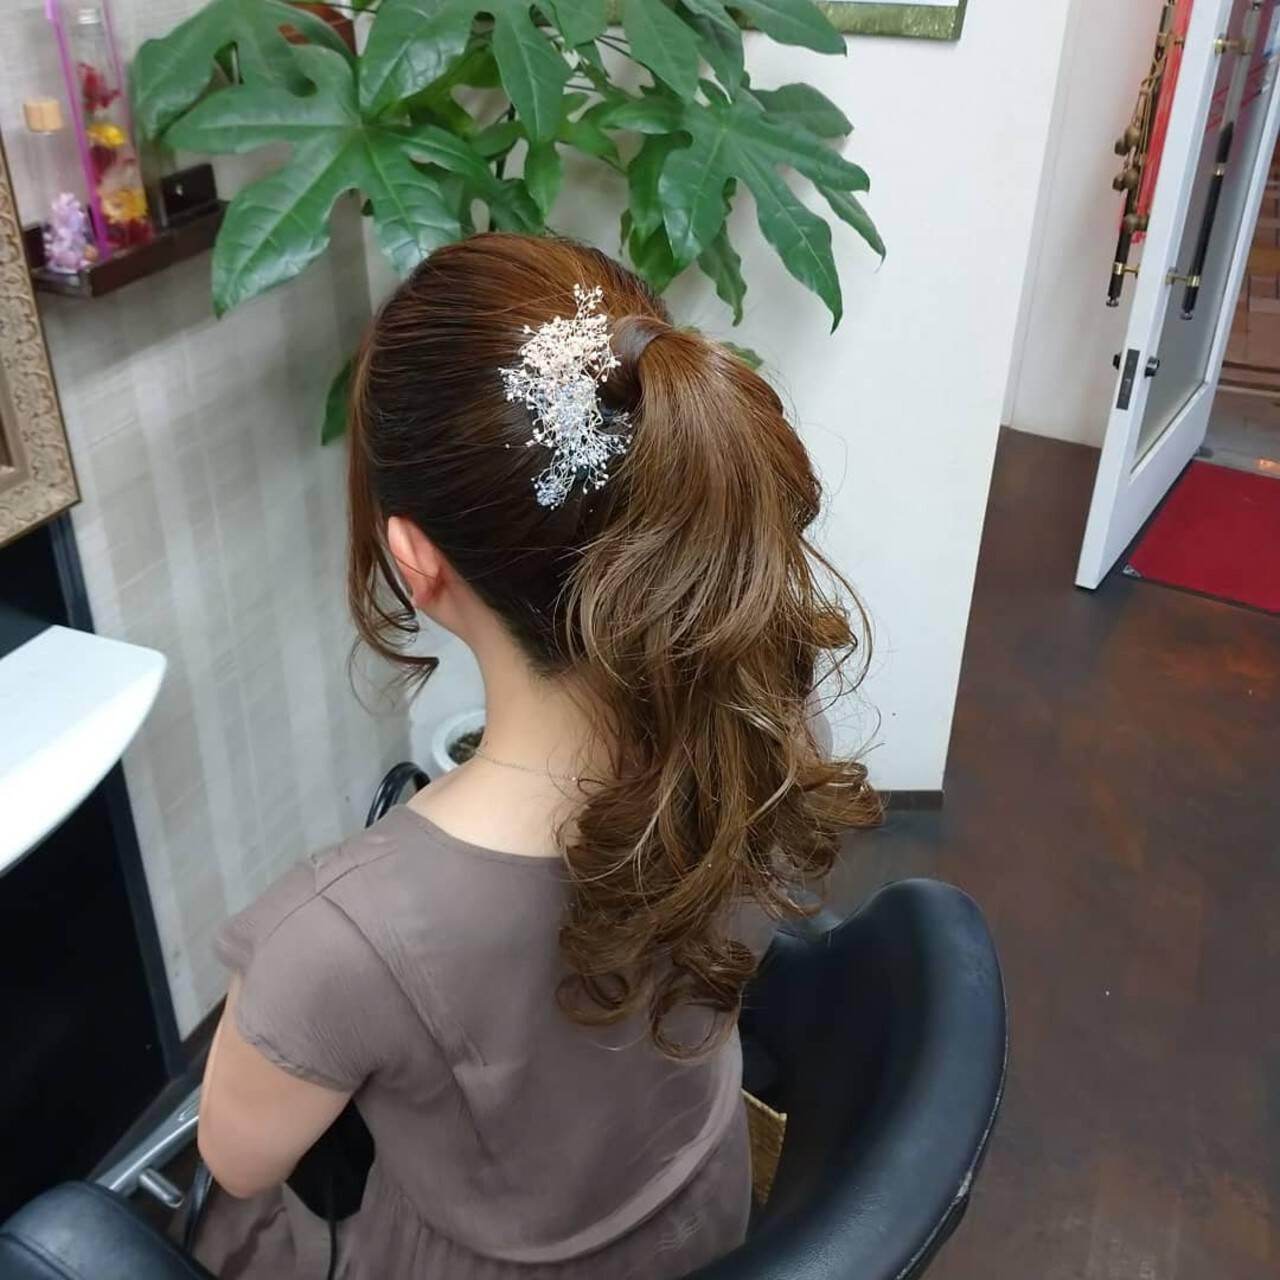 ヘアアレンジ ナチュラル ロング ポニーテールヘアスタイルや髪型の写真・画像